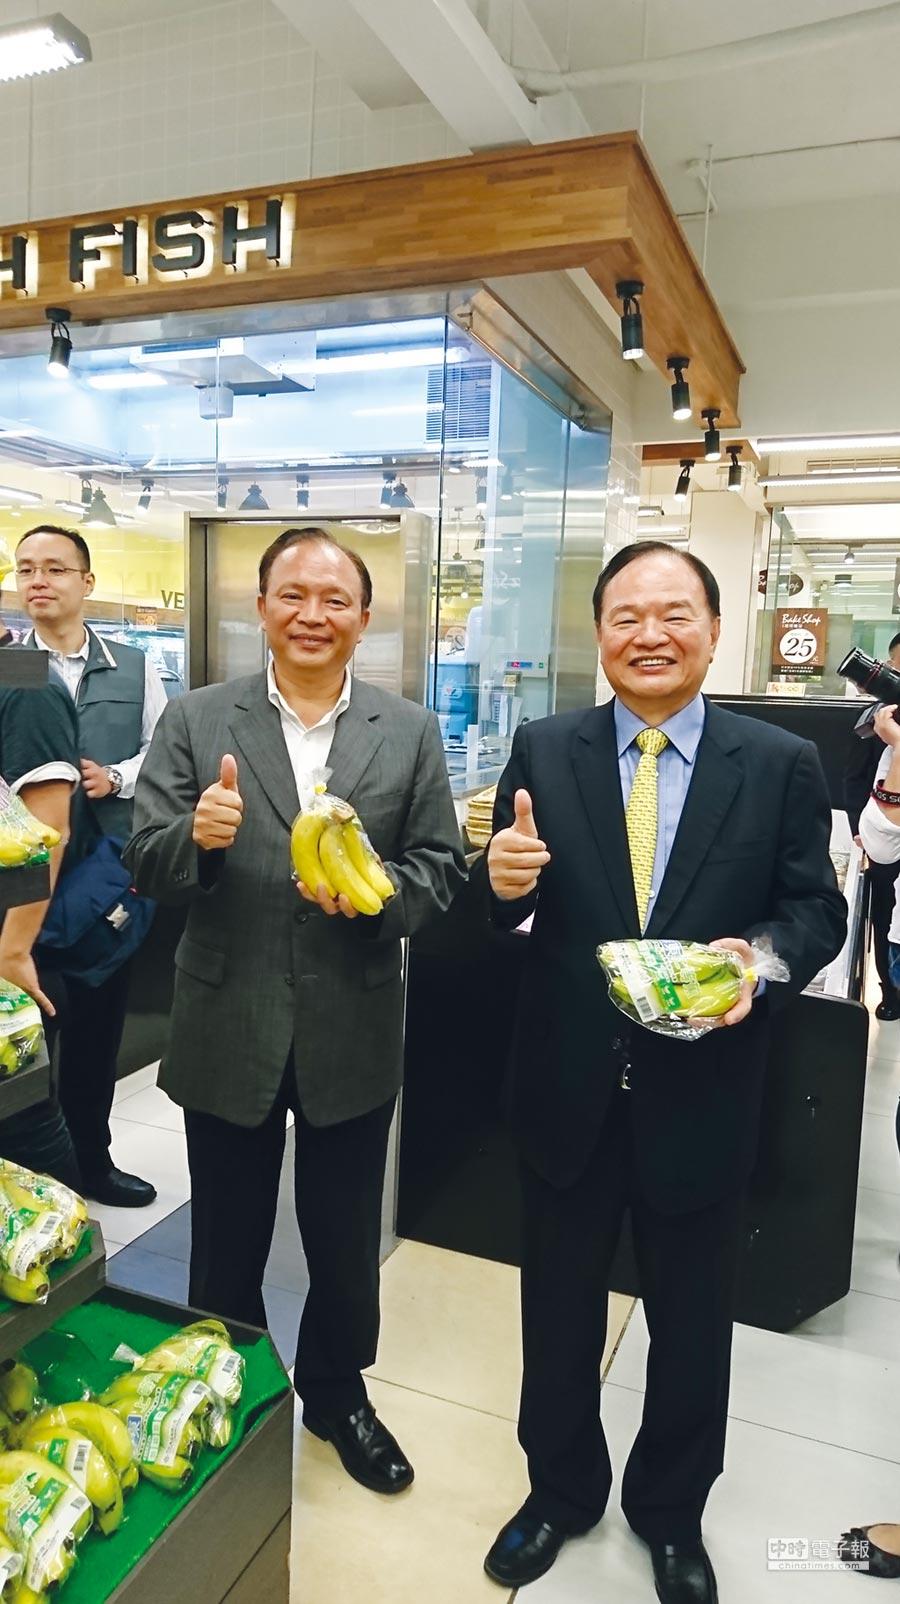 全聯董事長林敏雄(右)與農委會主委林聰賢同台為台灣香蕉共同促銷。圖/李麗滿